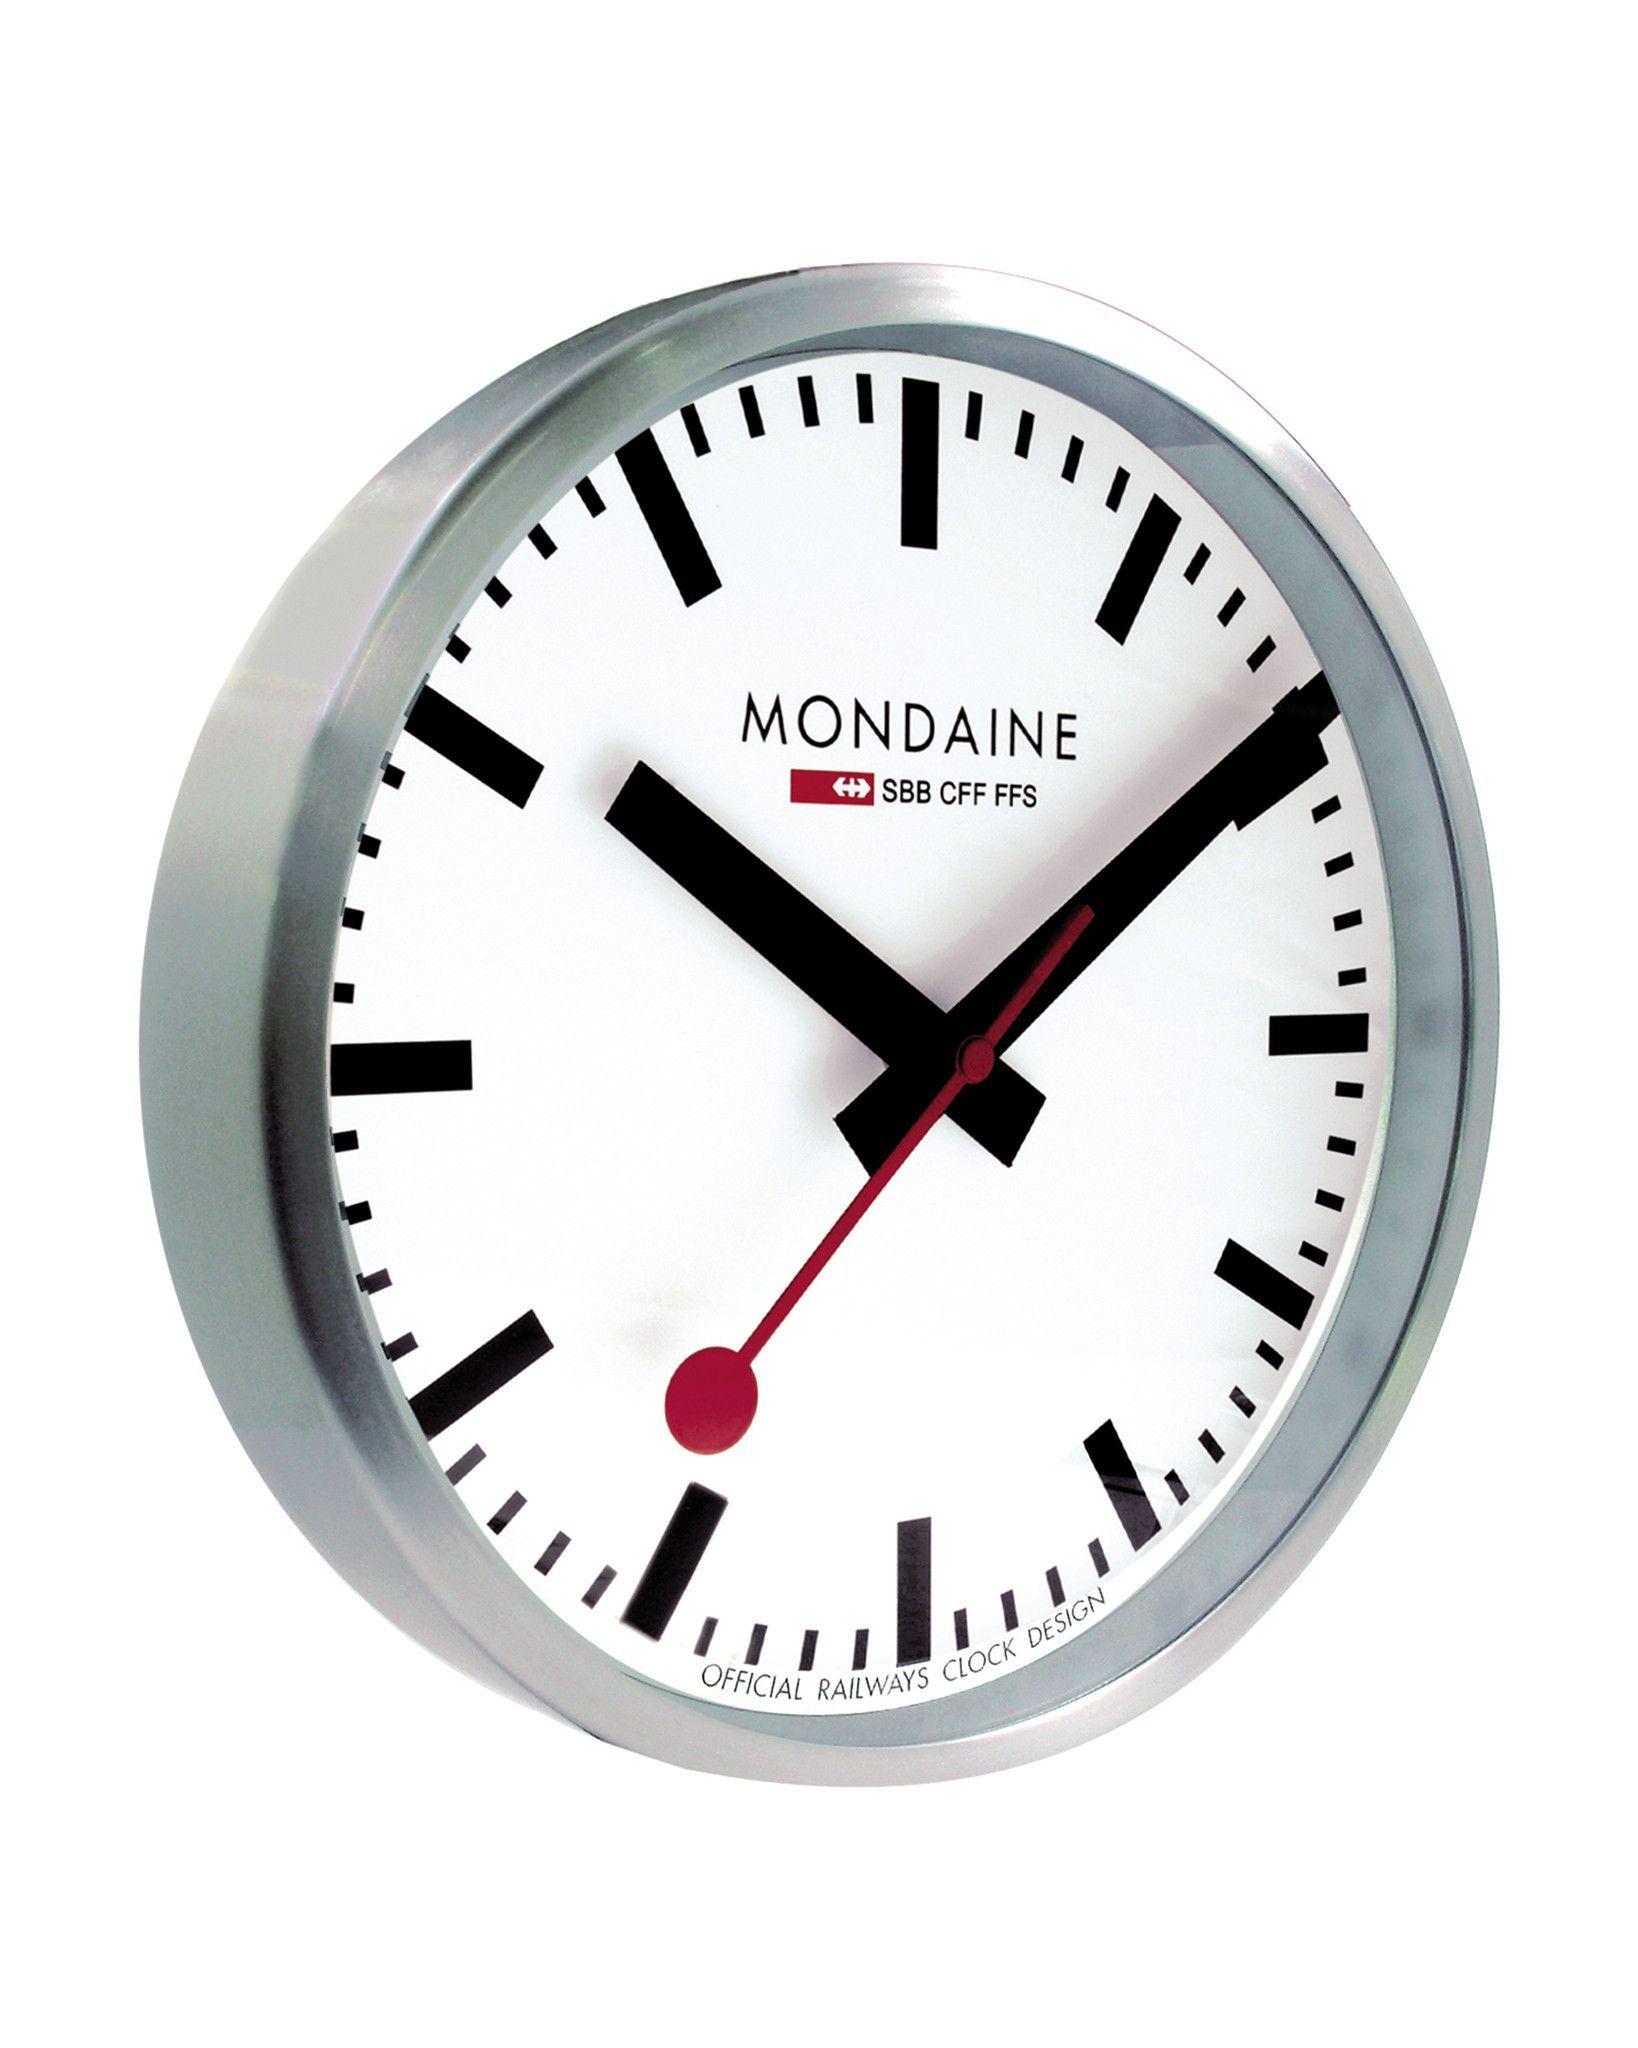 Mondaine Quartz Wall Clock O 25 Cm O 40 Cm With Images Mondaine Wall Clock Wall Clock Design Swiss Railway Wall Clock